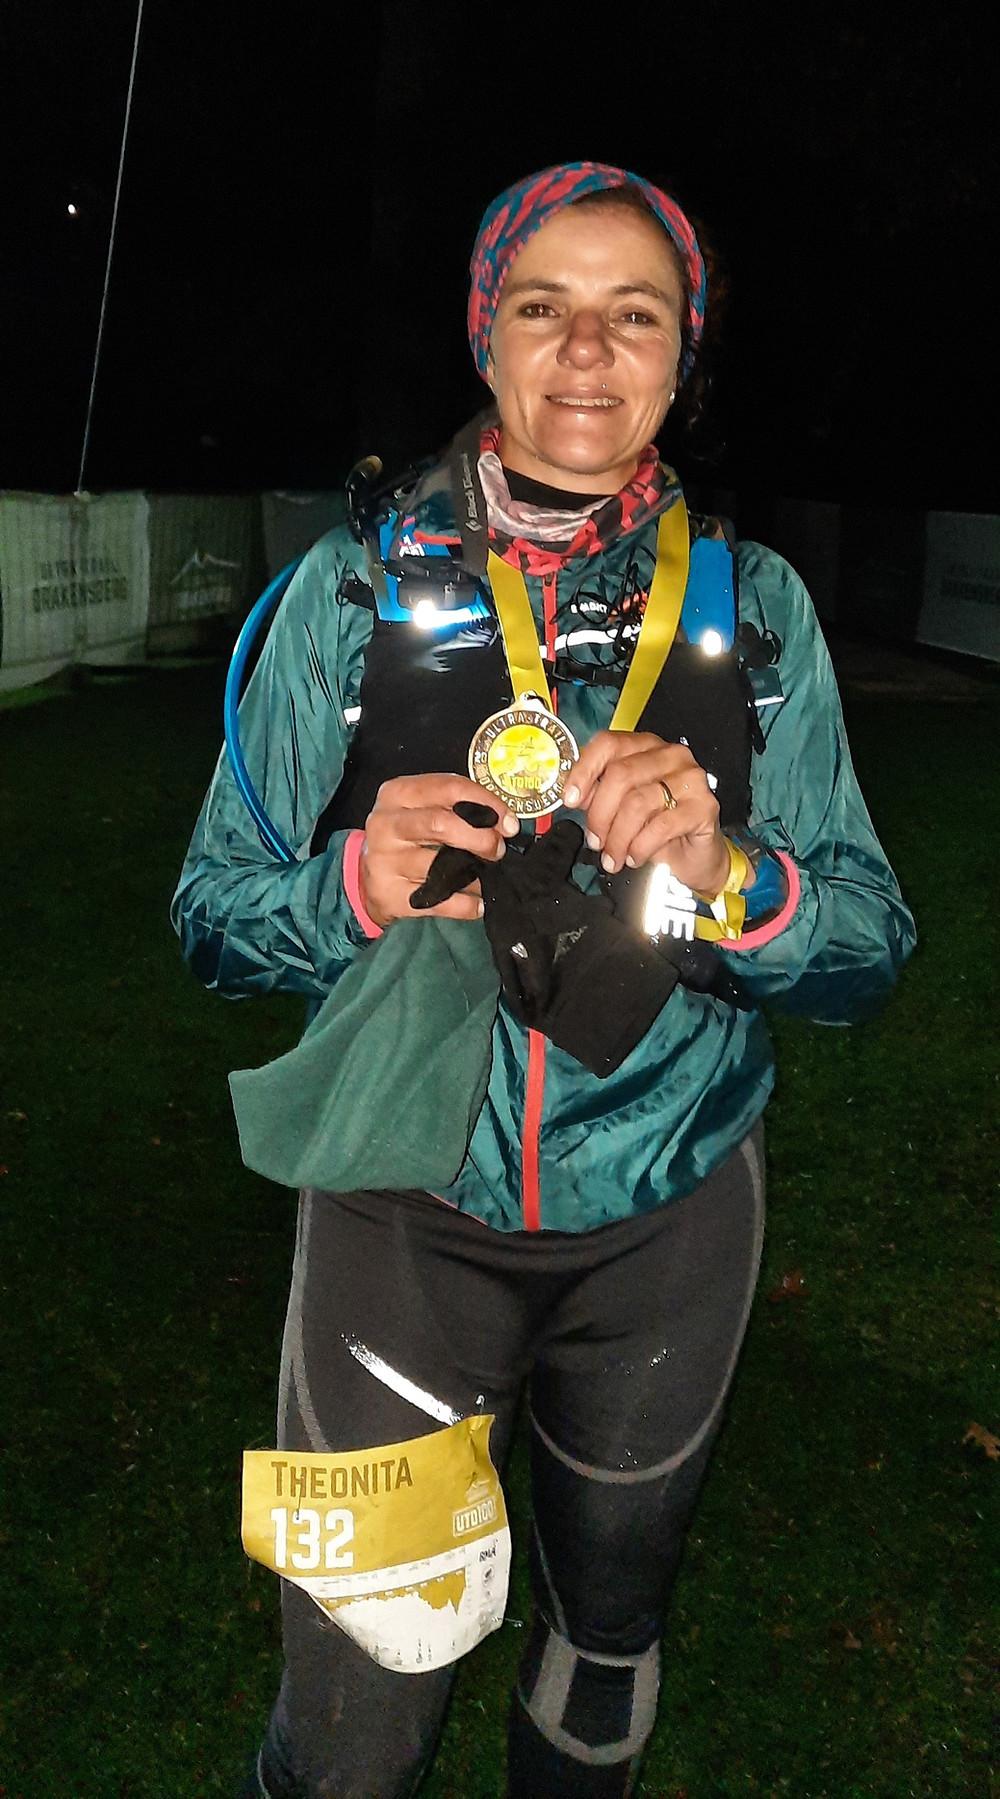 Female ultra runner with medal